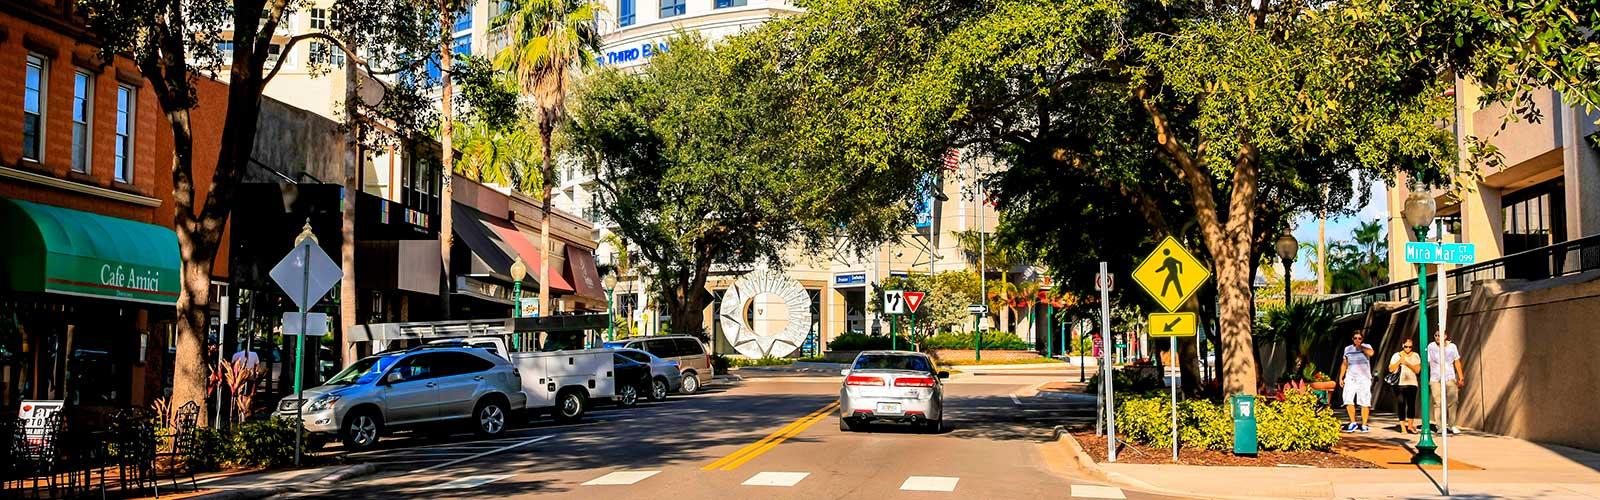 BLVD Sarasota, downtown Sarasota, walkability